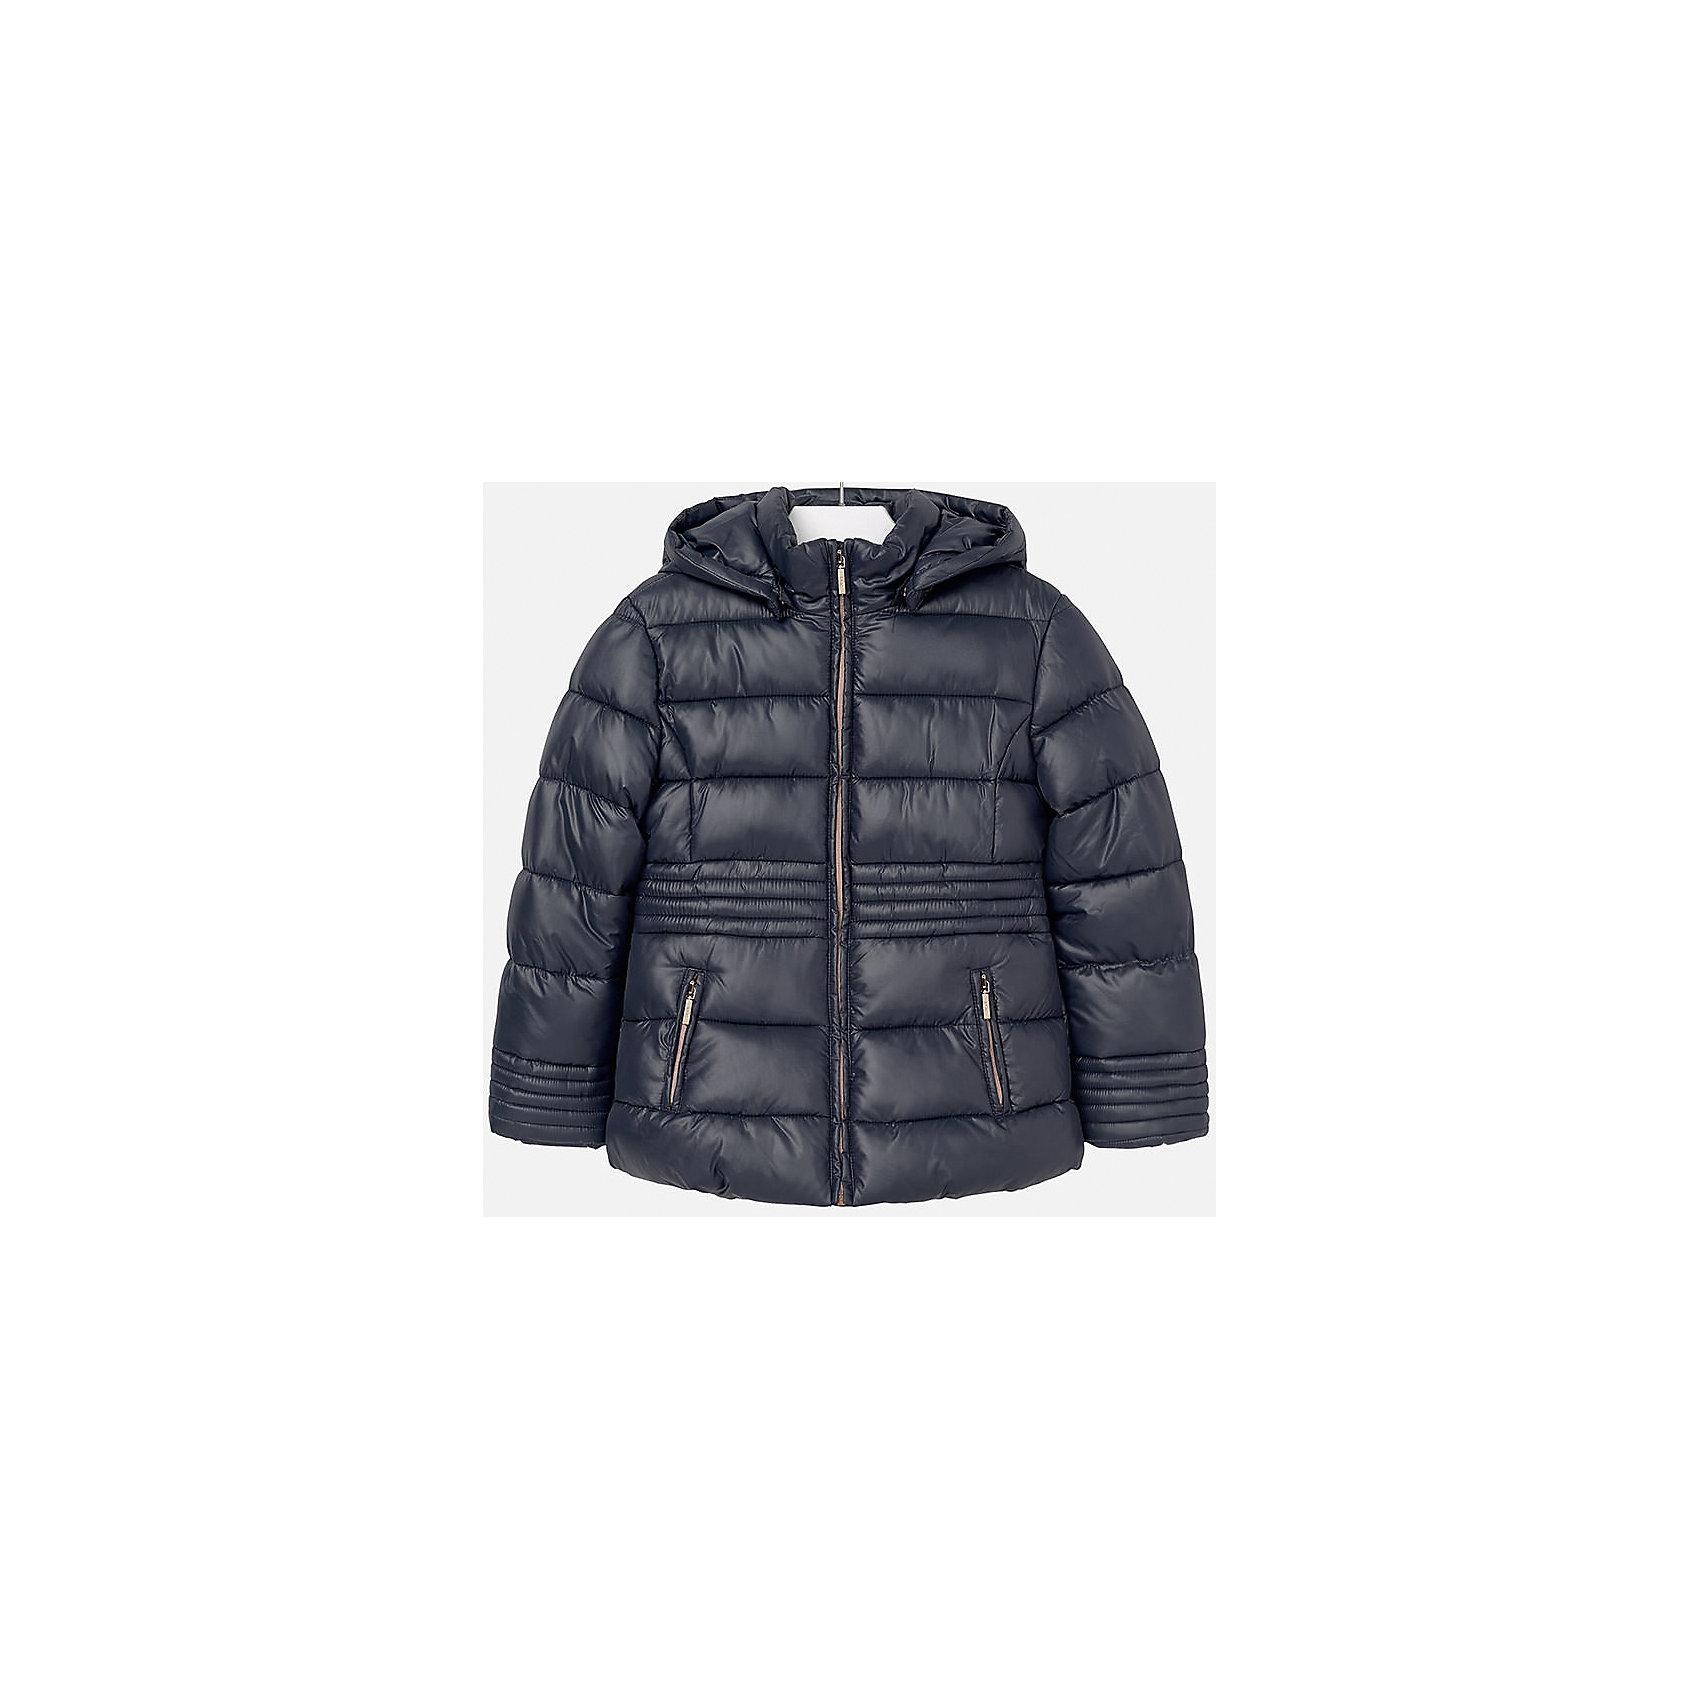 Куртка для девочки MayoralВерхняя одежда<br>Куртка для девочки Mayoral отлично подойдет для холодной осени. Модель выполнена из высококачественной водоотталкивающей ткани, имеет воротник стойку надежно защищающий шею ребенка от холодного ветра, и отстегивающийся капюшон. Куртка дополнена двумя боковыми карманами на молнии и мягкую подкладку. Нейтральная расцветка позволяет модели сочетаться с любыми вещами в гардеробе. <br><br>Дополнительная информация:<br><br>- Температурный режим: от + 5? до - 5?.<br>- Сезон: демисезонная.<br>- Тип застежки: молния. <br>- Прочная водоотталкивающая ткань.<br>- Капюшон на кнопках (отстёгивается).<br>- Воротник-стойка. <br>- 2 боковых кармана на молнии. <br>Состав: <br>верх - 100% полиэстер; подкладка - 100% полиэстер; наполнитель - 100% полиэстер.<br><br>Куртка для девочки Mayoral (Майорал), темно-синюю, можно купить в нашем магазине.<br><br>Ширина мм: 356<br>Глубина мм: 10<br>Высота мм: 245<br>Вес г: 519<br>Цвет: синий<br>Возраст от месяцев: 96<br>Возраст до месяцев: 108<br>Пол: Женский<br>Возраст: Детский<br>Размер: 158/164,134/140,128/134,152/158,146/152,164/170<br>SKU: 4845943